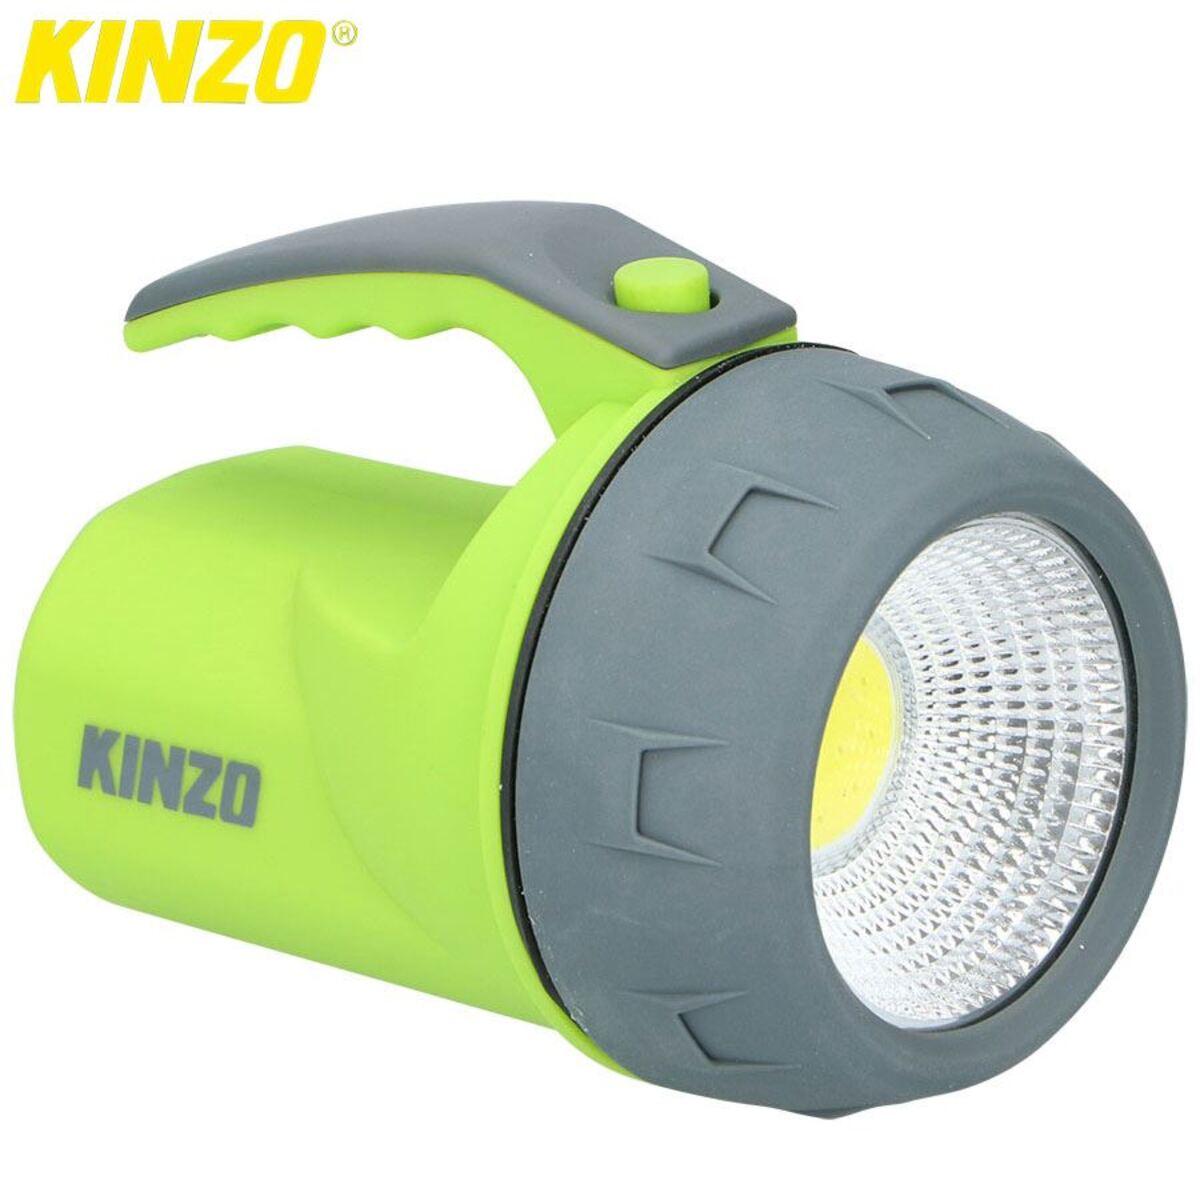 Bild 1 von Kinzo COB-Taschenlampe 3Watt